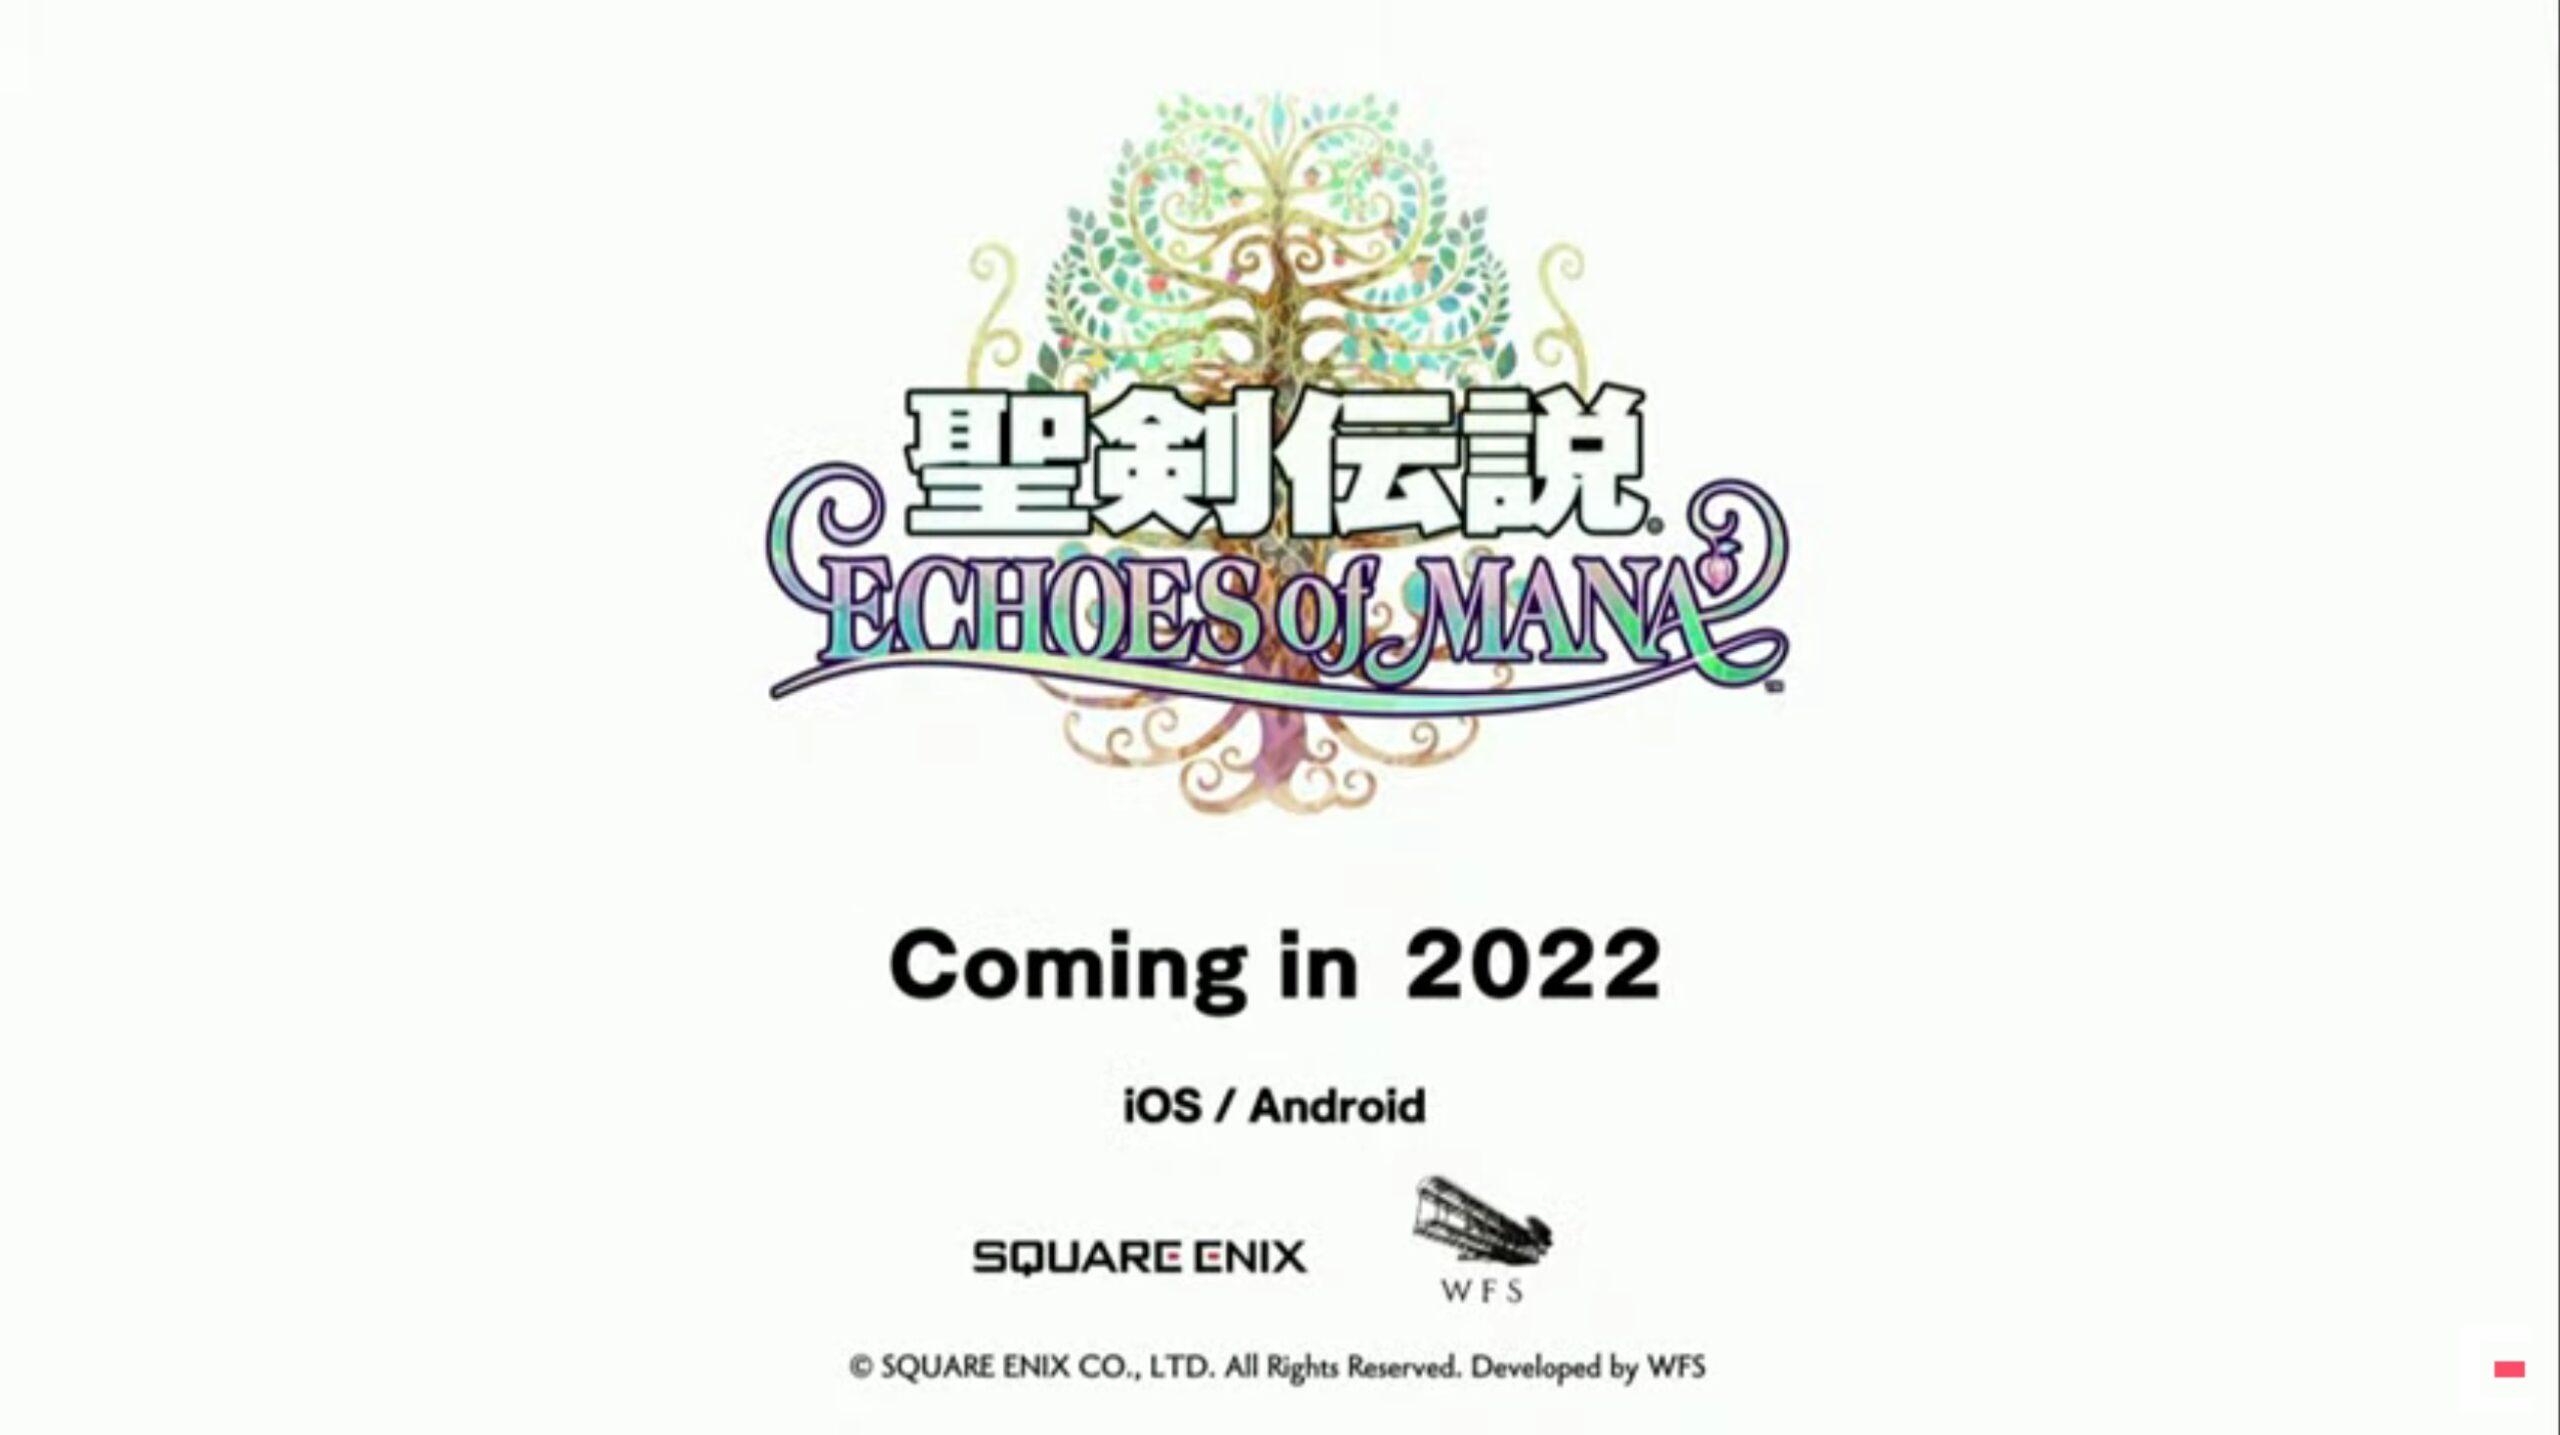 シリーズ新作『聖剣伝説 エコーズオブマナ』が2022年に配信決定!